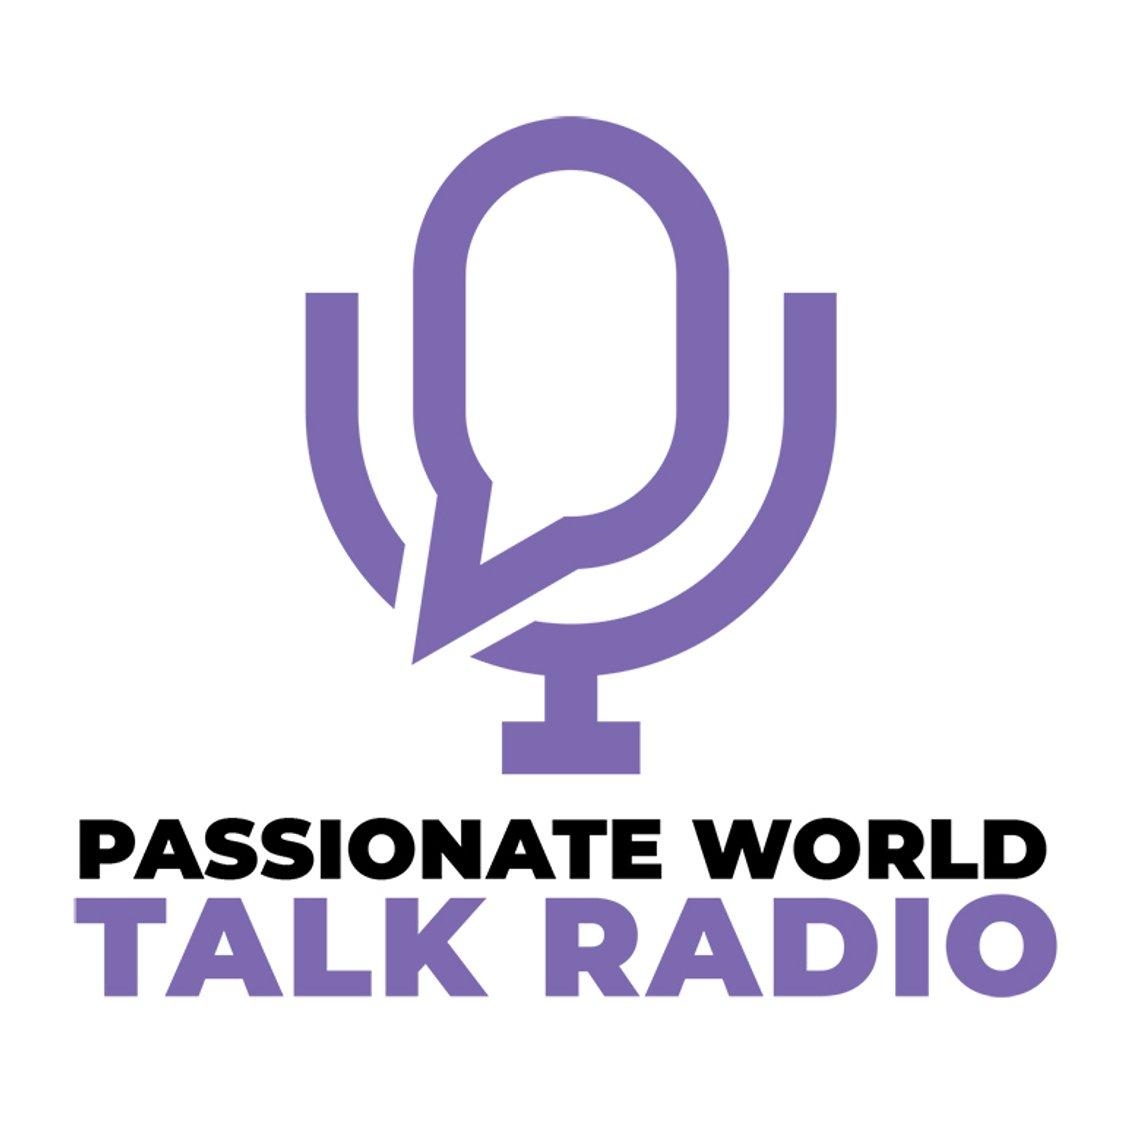 Passionate World Talk Radio - immagine di copertina